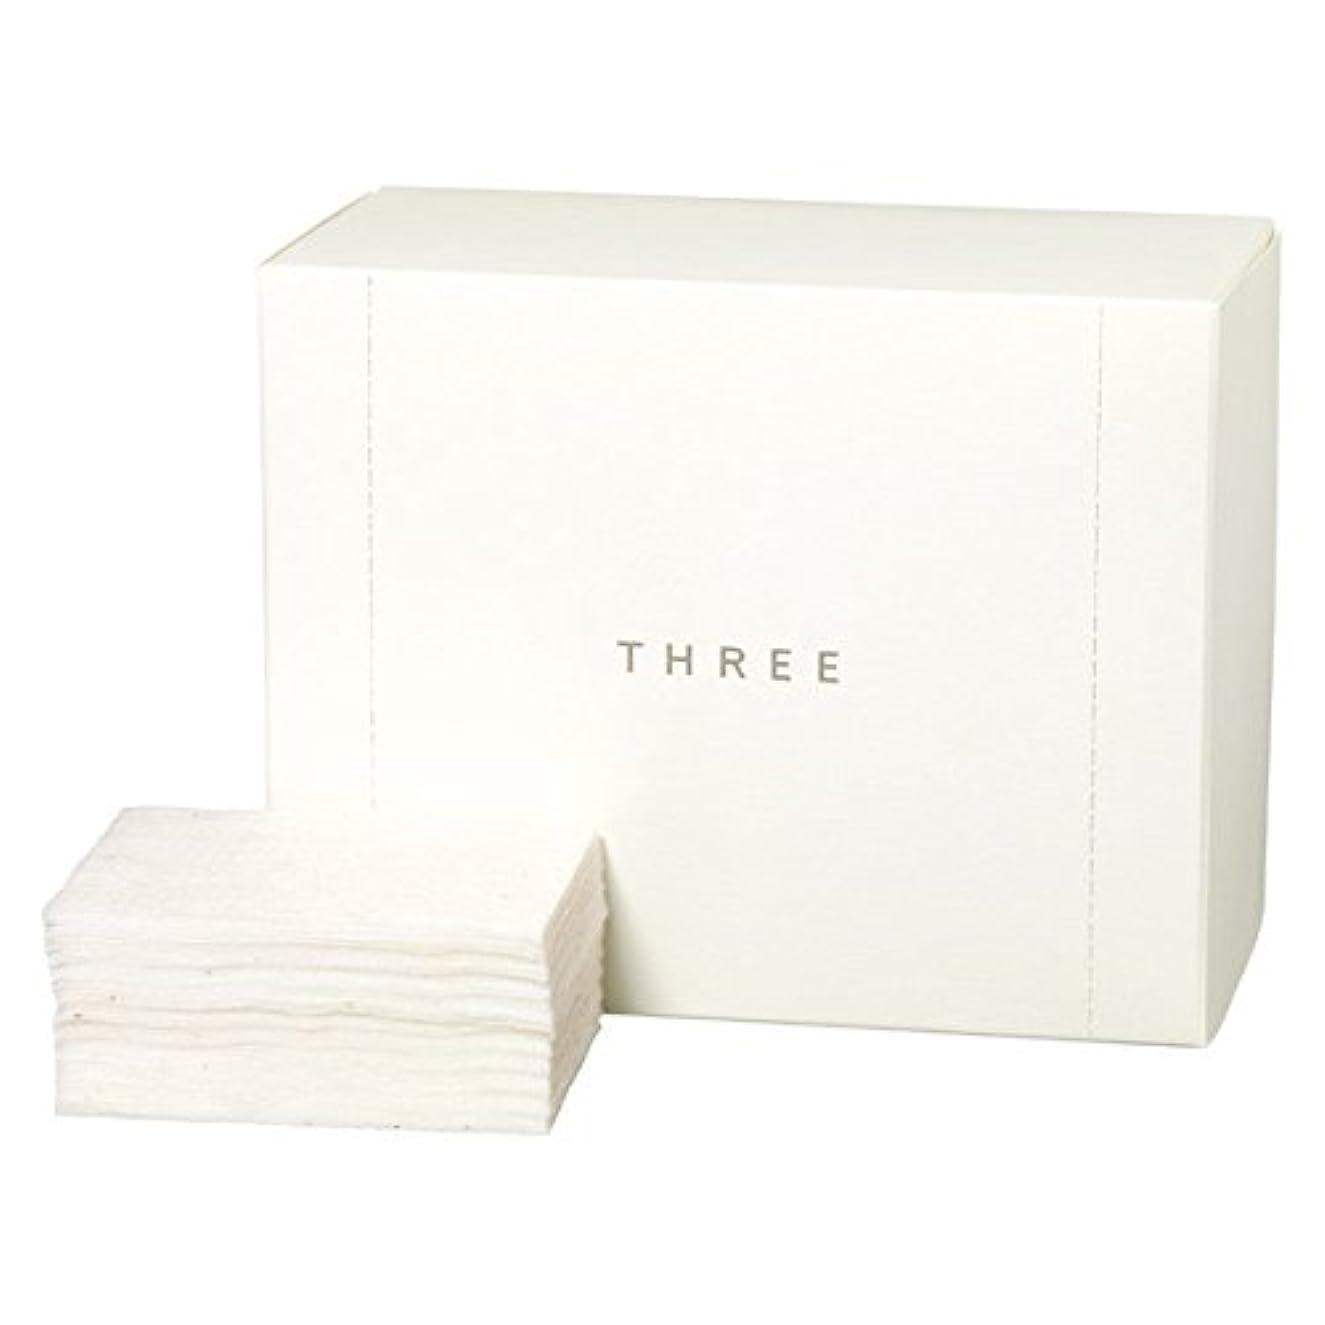 破滅救い商品THREE オーガニック コットン THREEショップバッグ付き